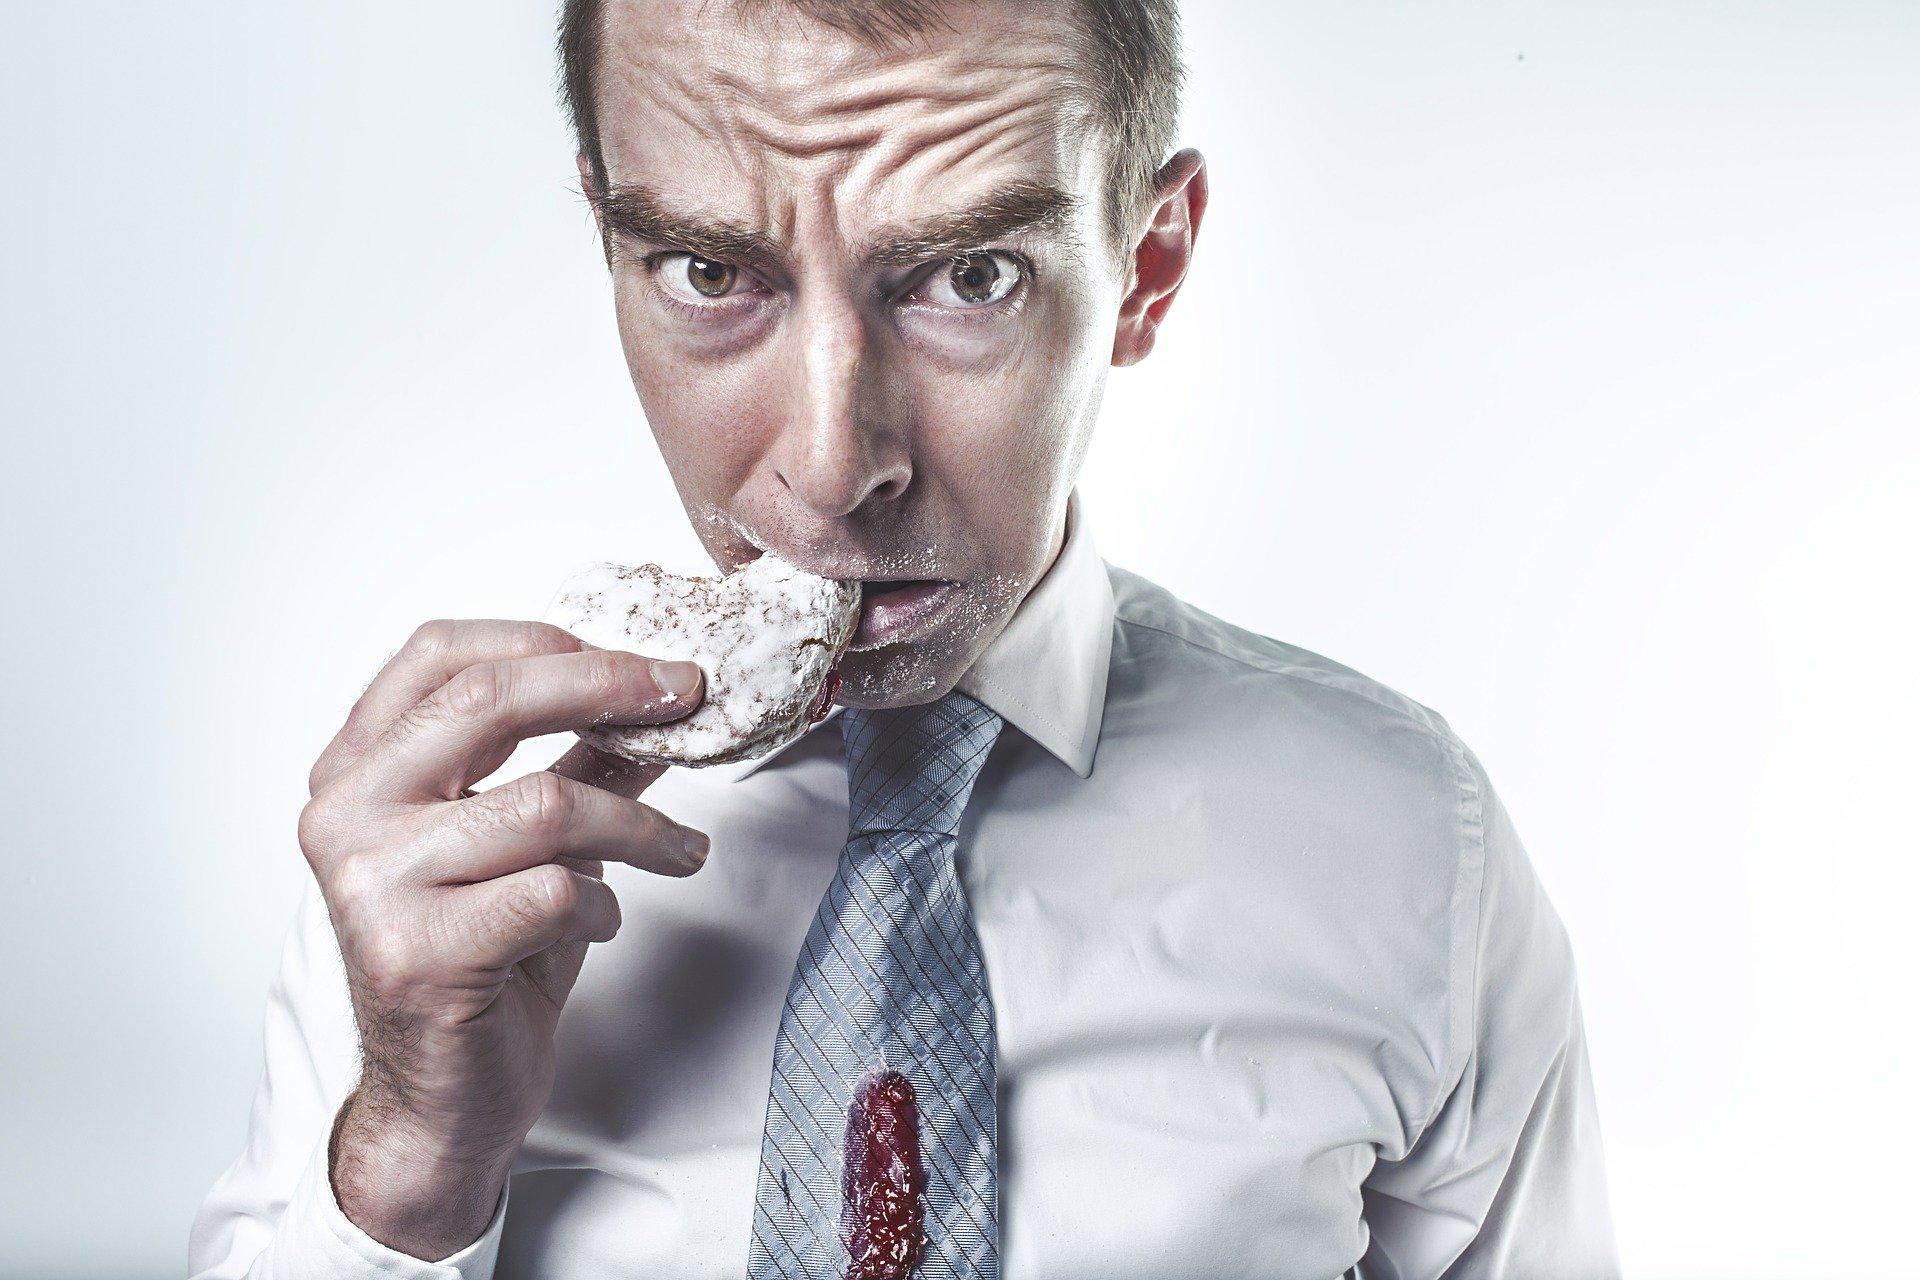 סוגי דיאטות: יתרונות מול חסרונות